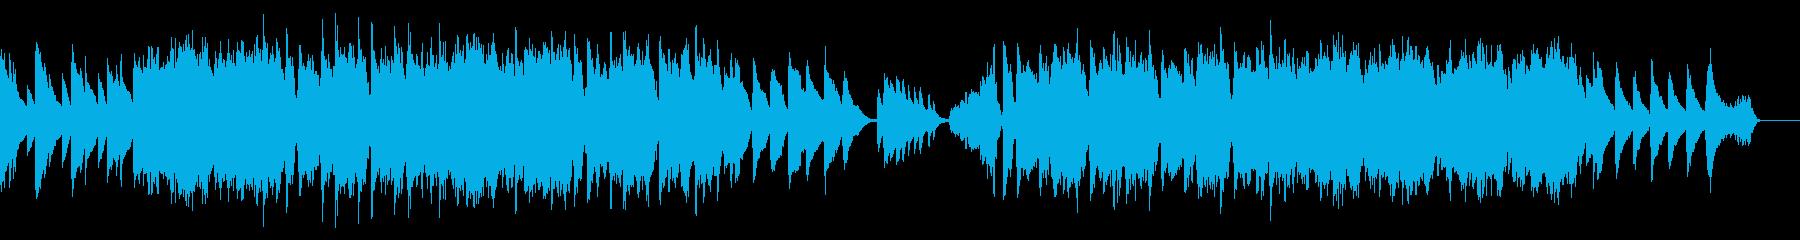 結婚式など センチメンタルなピアノ楽曲の再生済みの波形